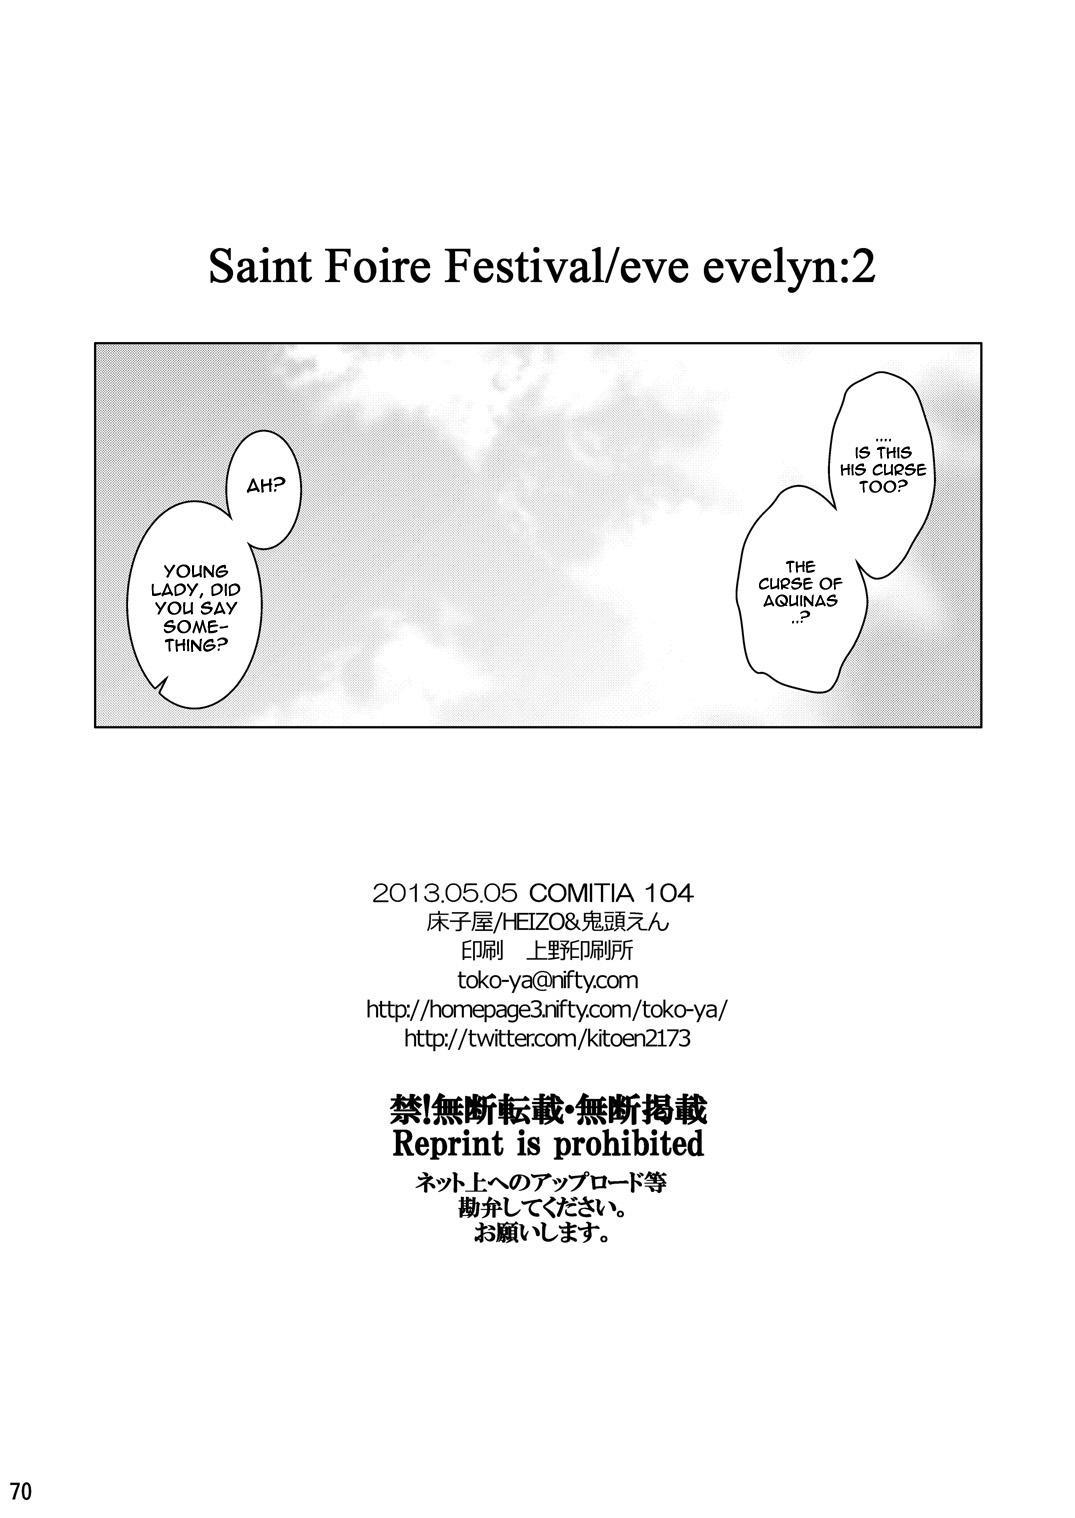 Saint Foire Festival Eve Evelyn:2 68